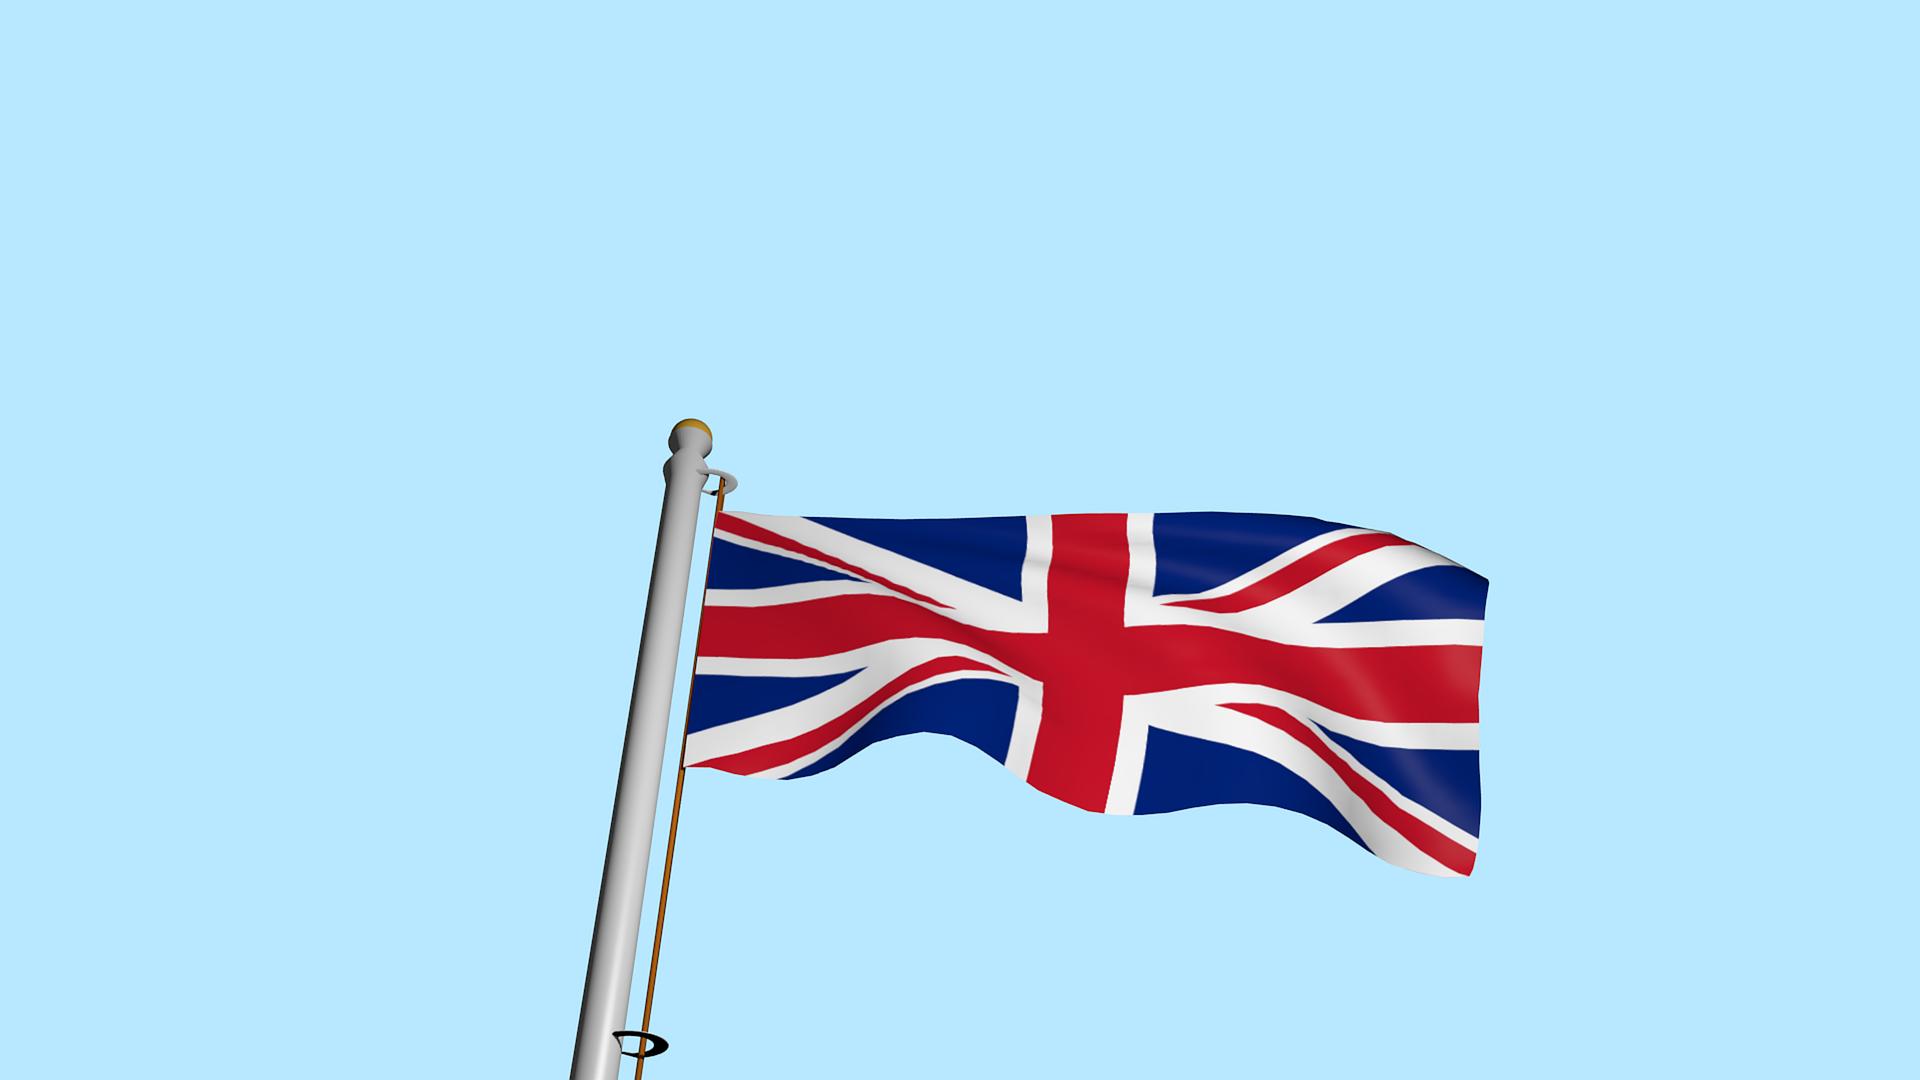 Huawei przegrywa bitwę o Anglię. Zostanie całkowicie wykluczone z rozwijania sieci 5G w Wielkiej Brytanii 20